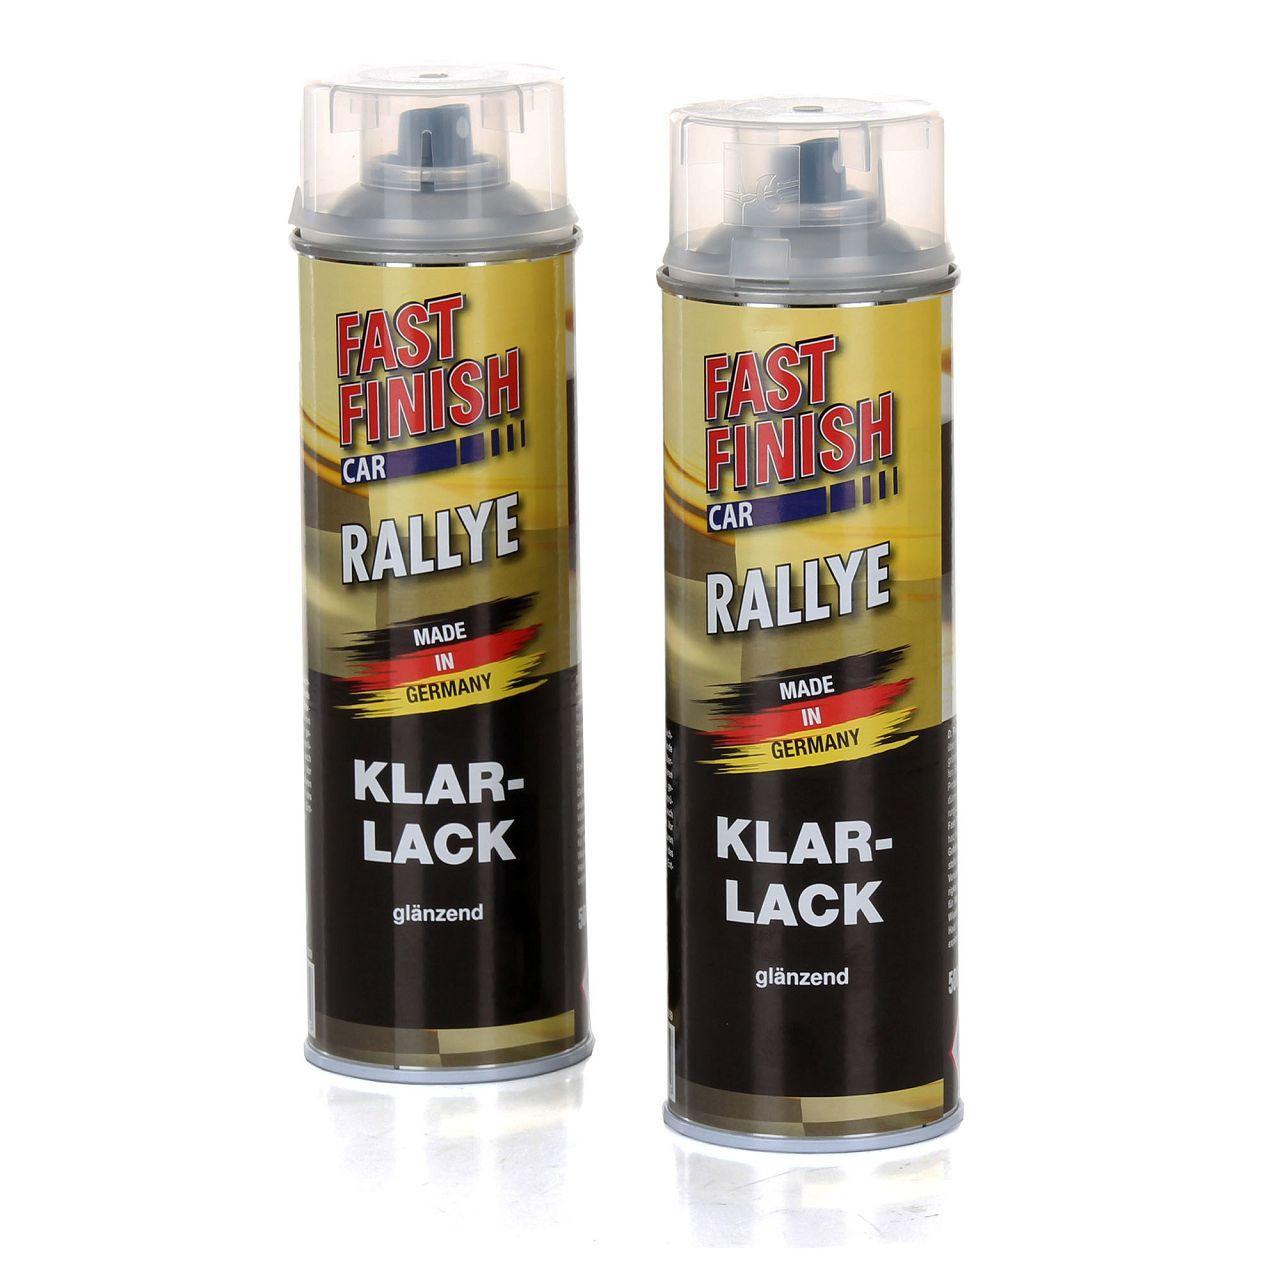 2x 500 ml FAST FINISH Car Rallye Klarlack Lackspray glänzend Spraydose 292859